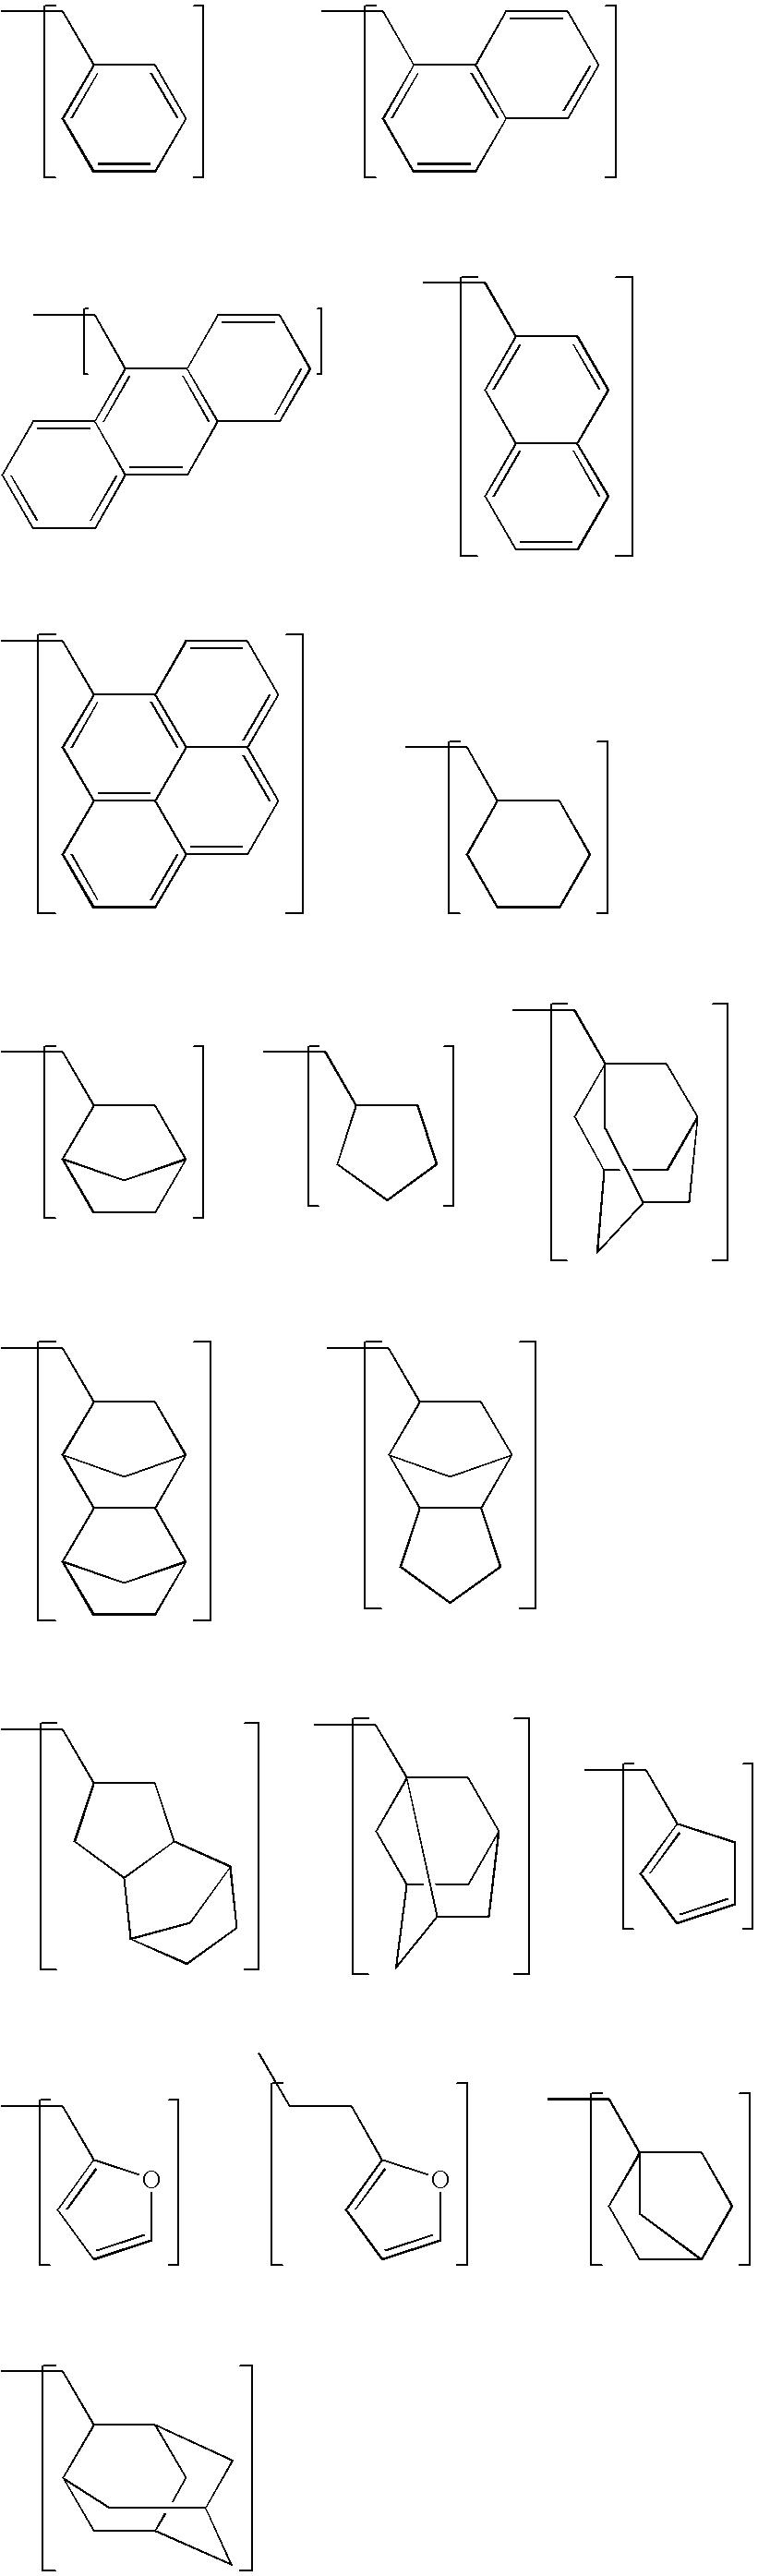 Figure US20070275325A1-20071129-C00016